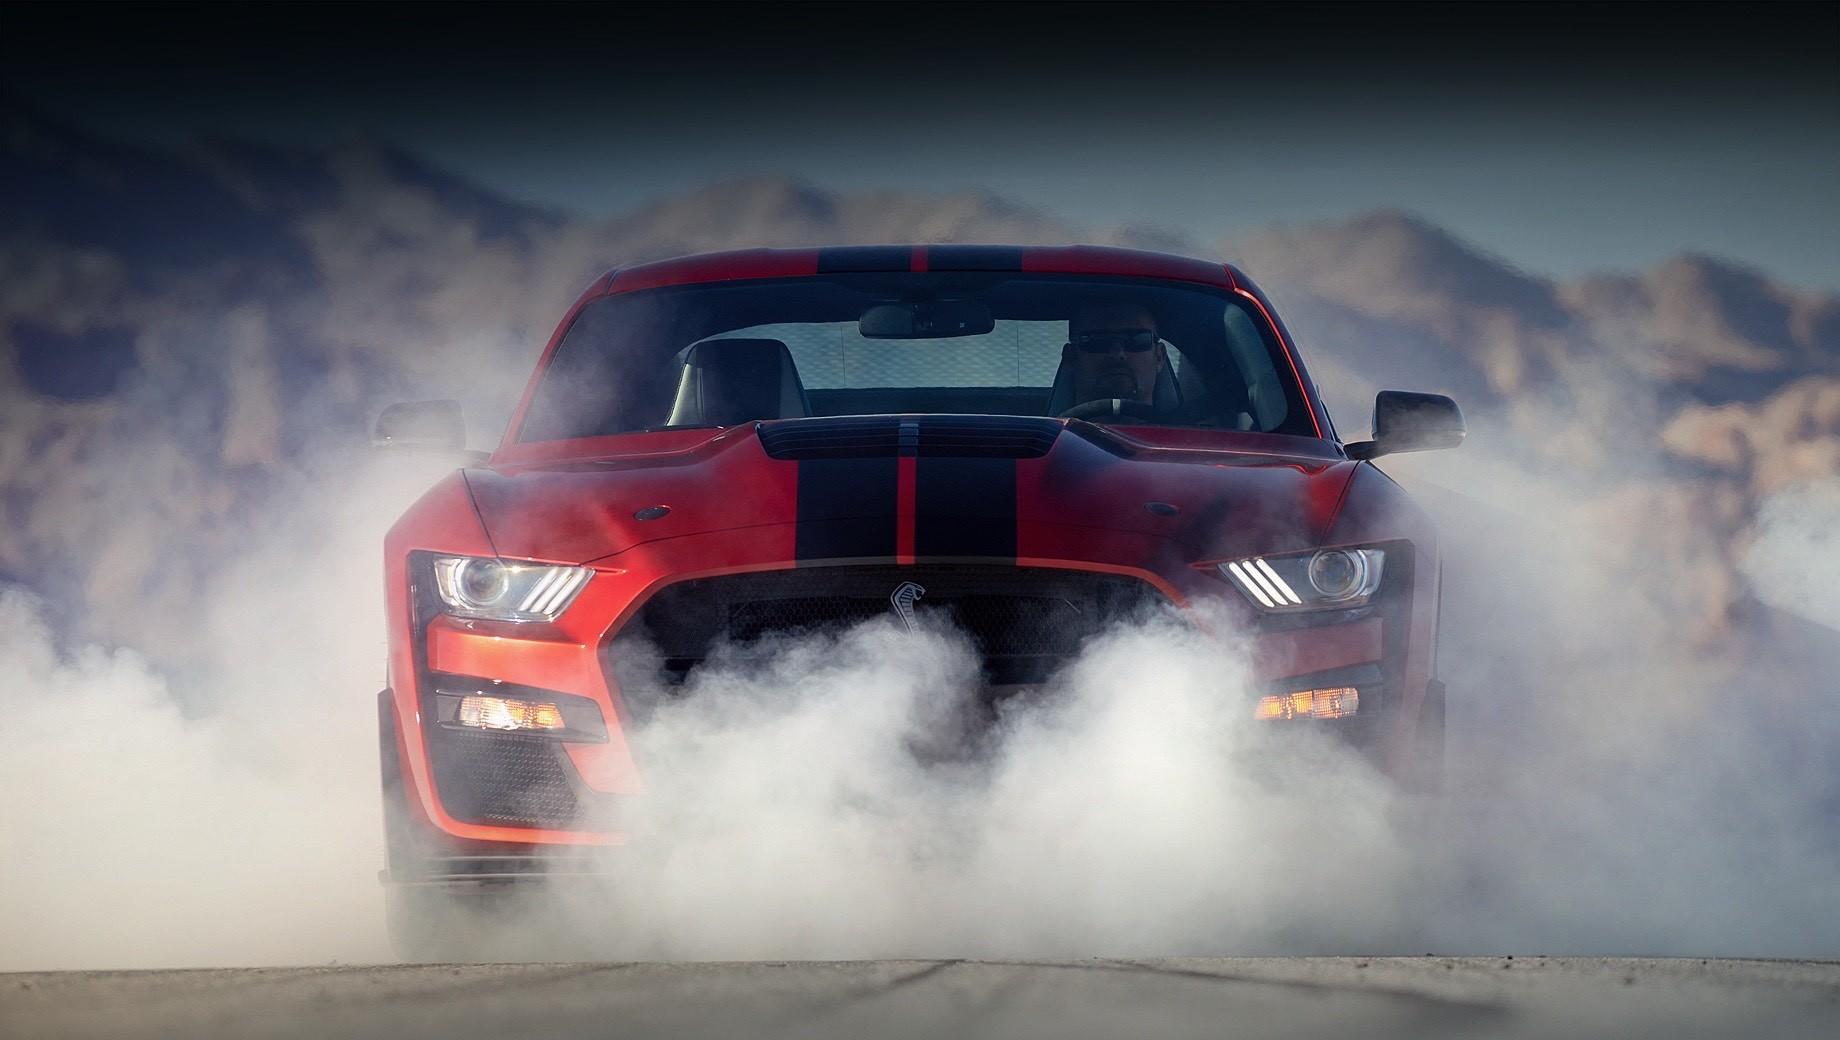 Ford mustang,Ford f-150. Нынешний Ford Mustang в наиболее производительных версиях оснащается восьмицилиндровыми моторами 5.2 серии Voodoo и Predator, но в следующем поколении, по слухам, модель обзаведётся «восьмёркой» типа pushrod со штанговым приводом клапанов.